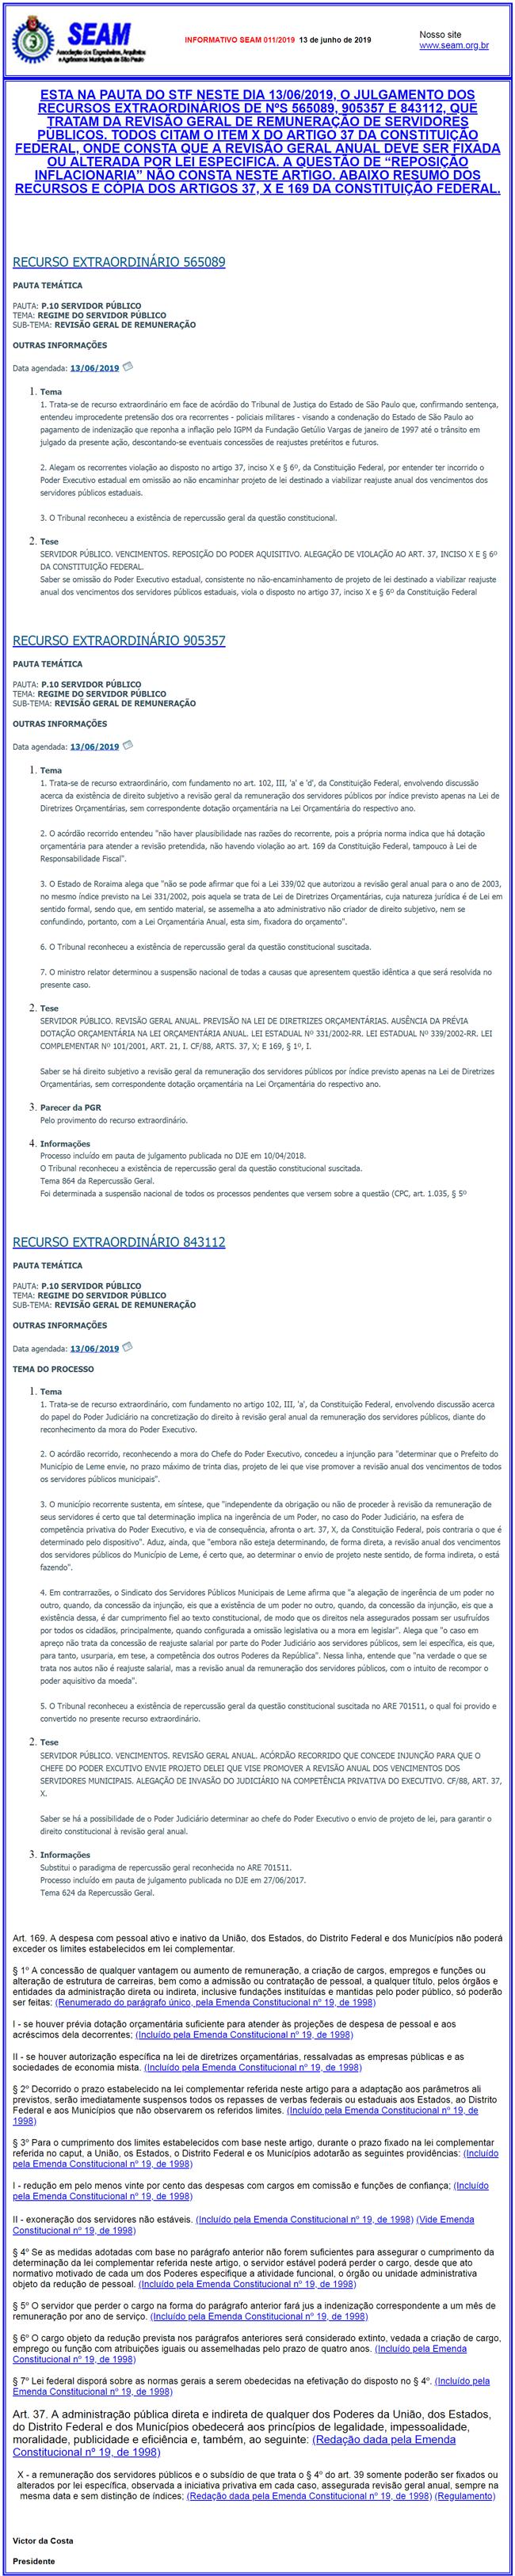 003 – ESCLARECIMENTOS SOBRE AÇÃO DO PSOL DE REAJUSTES PARA O FUNCIONALISMO MUNICIPAL – RE 1049622 COM DECISÃO DO STF E A AÇÃO DE AUTORIA DA SEAM/SASP – RE 1166795,  COM DECISÃO DO TJ/SP E COM RECURSO AO STF AINDA EM ANDAMENTO.